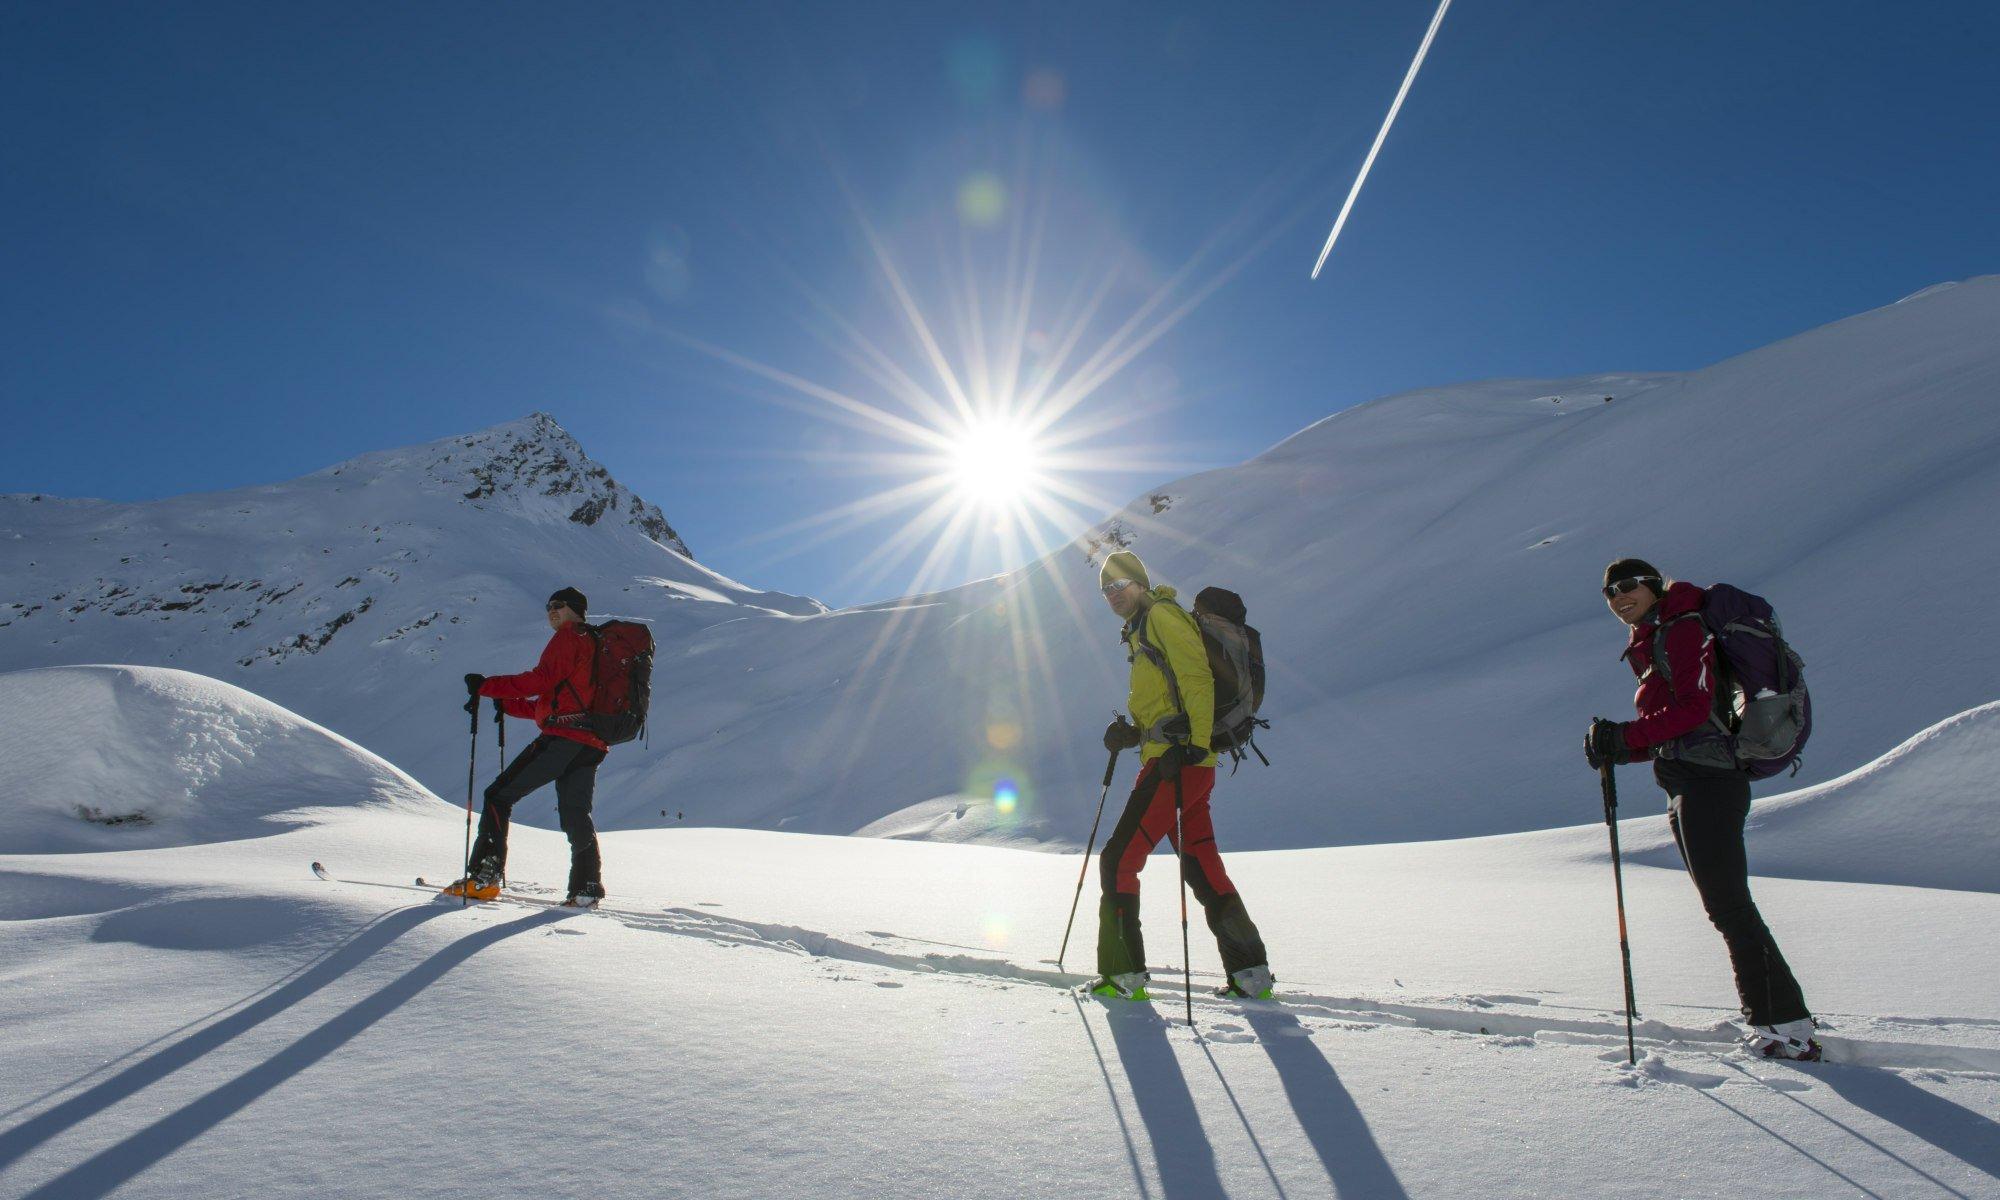 3 personnes font du ski de randonnée dans la neige immaculée.